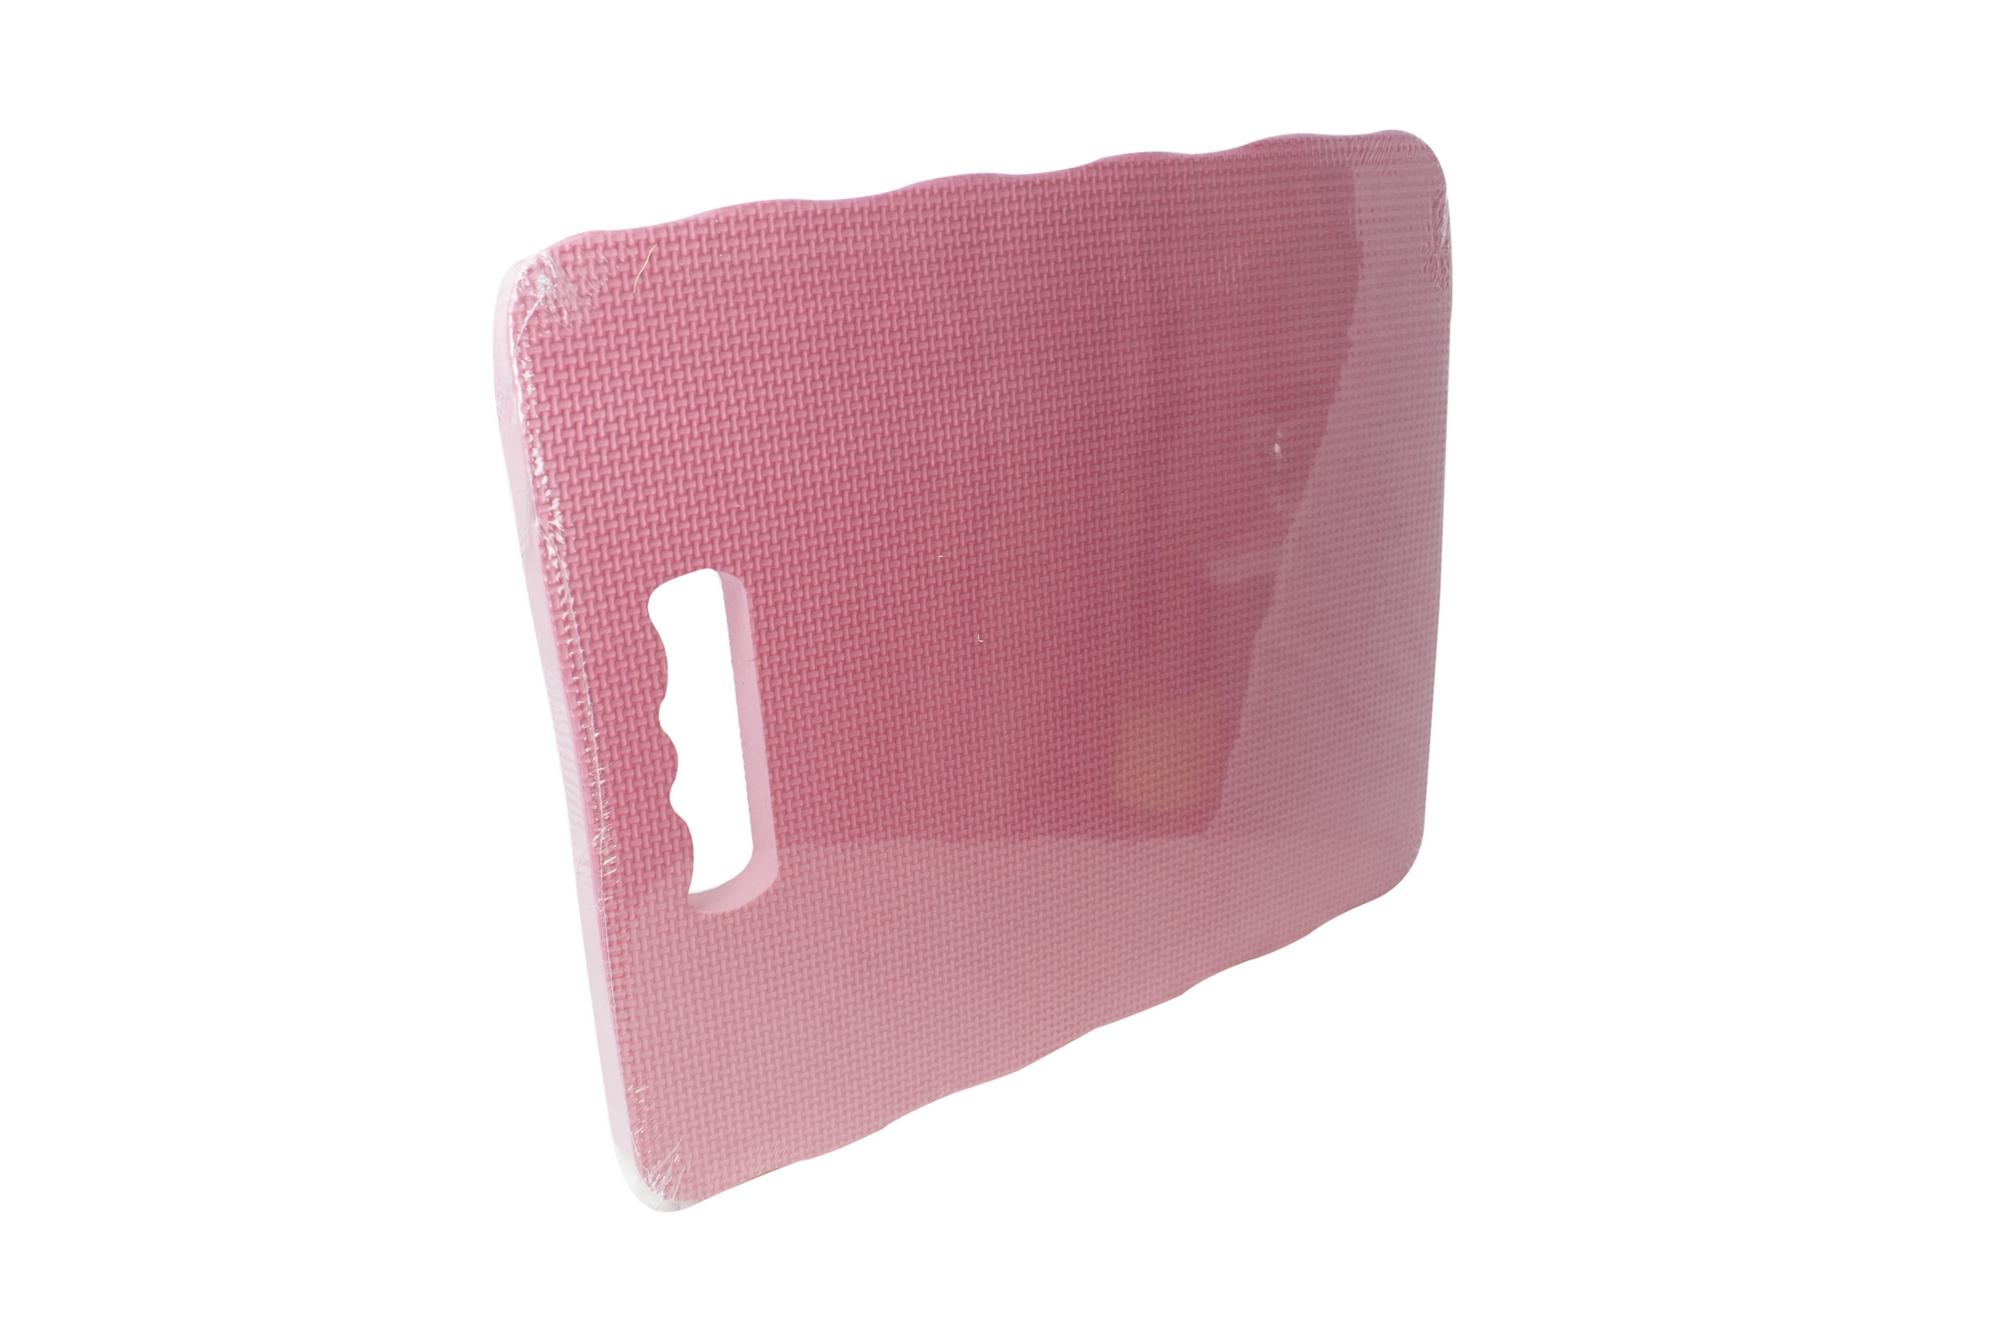 Pink Jumbo Gardening Kneeler Pad 30 X 34cm Blendboutique